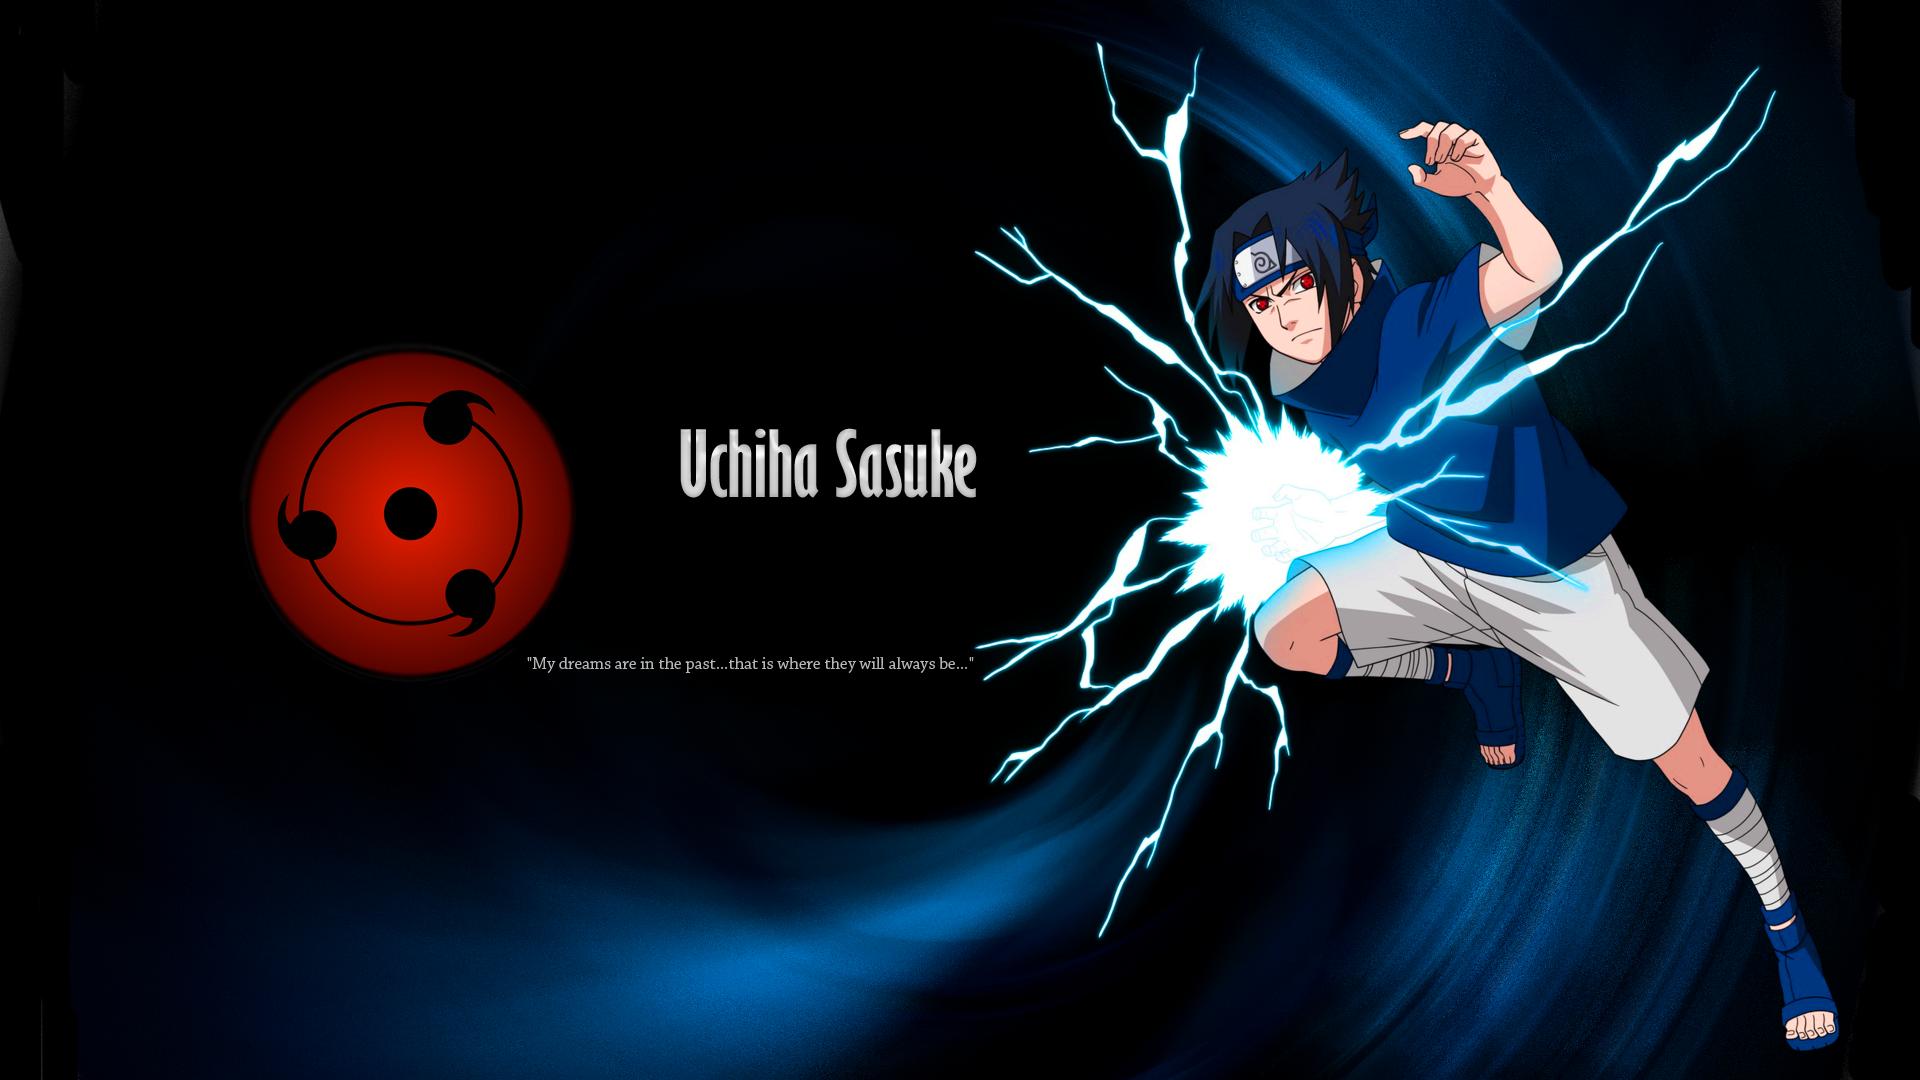 Naruto Shippuden Sasuke Exclusive HD Wallpapers 4617 1920x1080